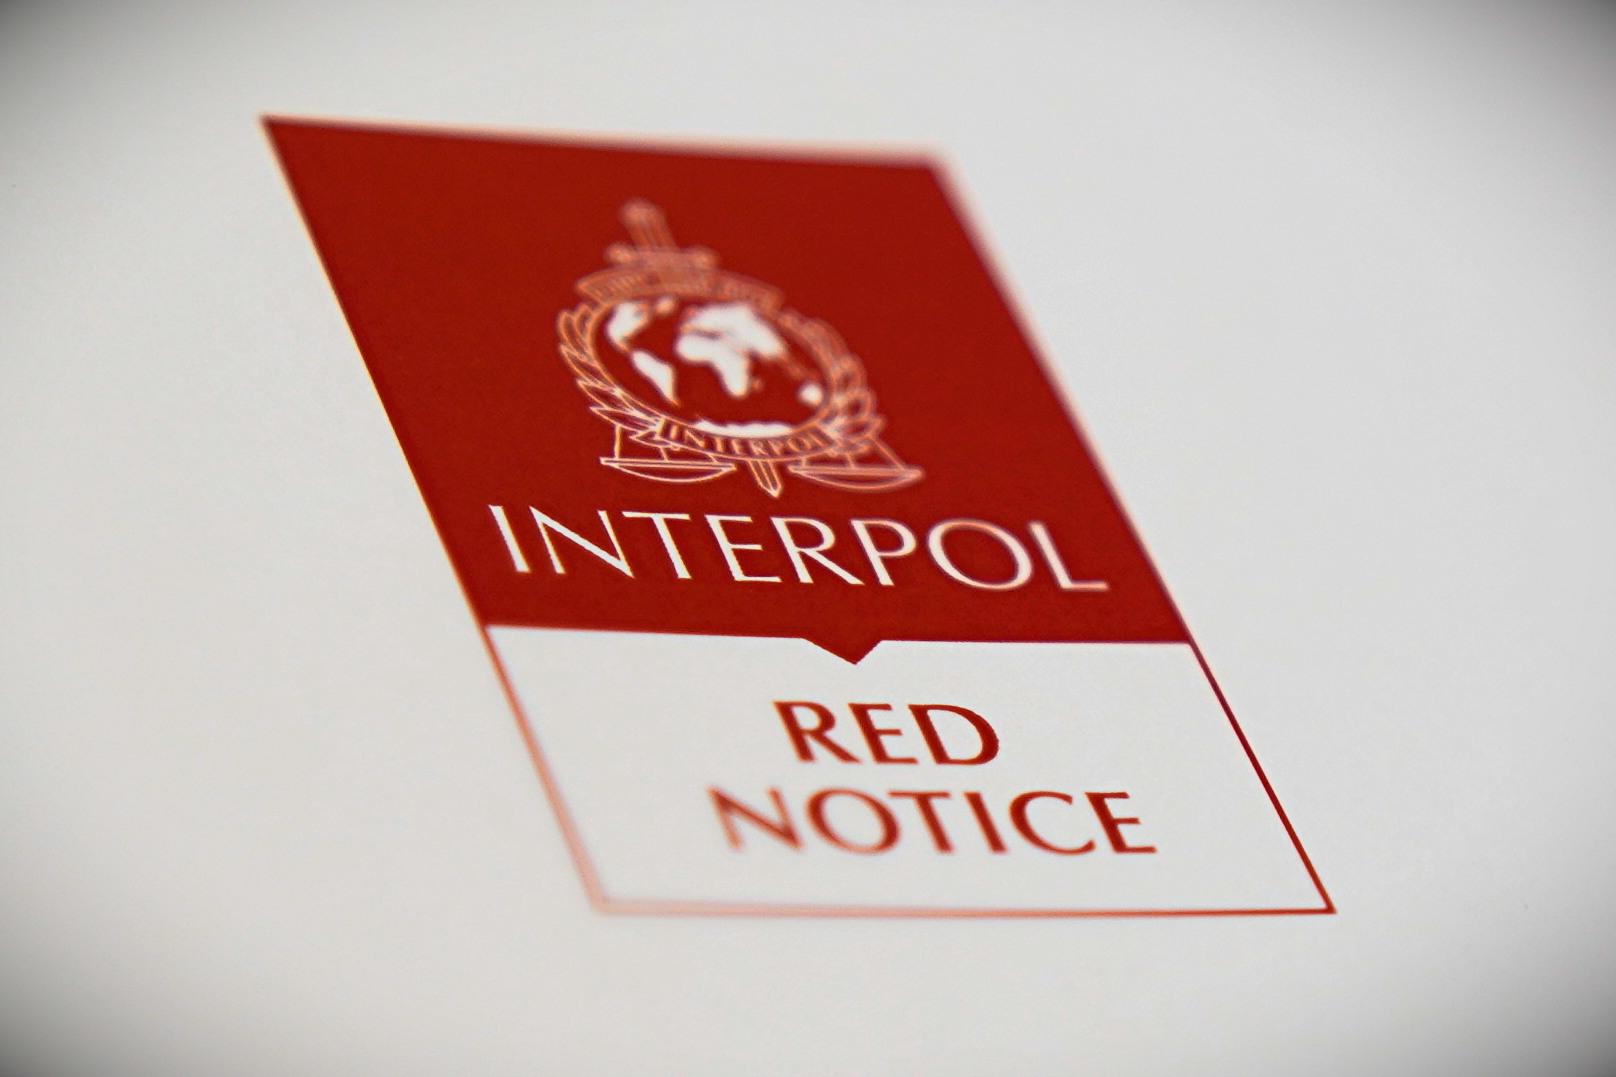 Poszukiwany przez Interpol zatrzymany na granicy w Korczowej  - Zdjęcie główne